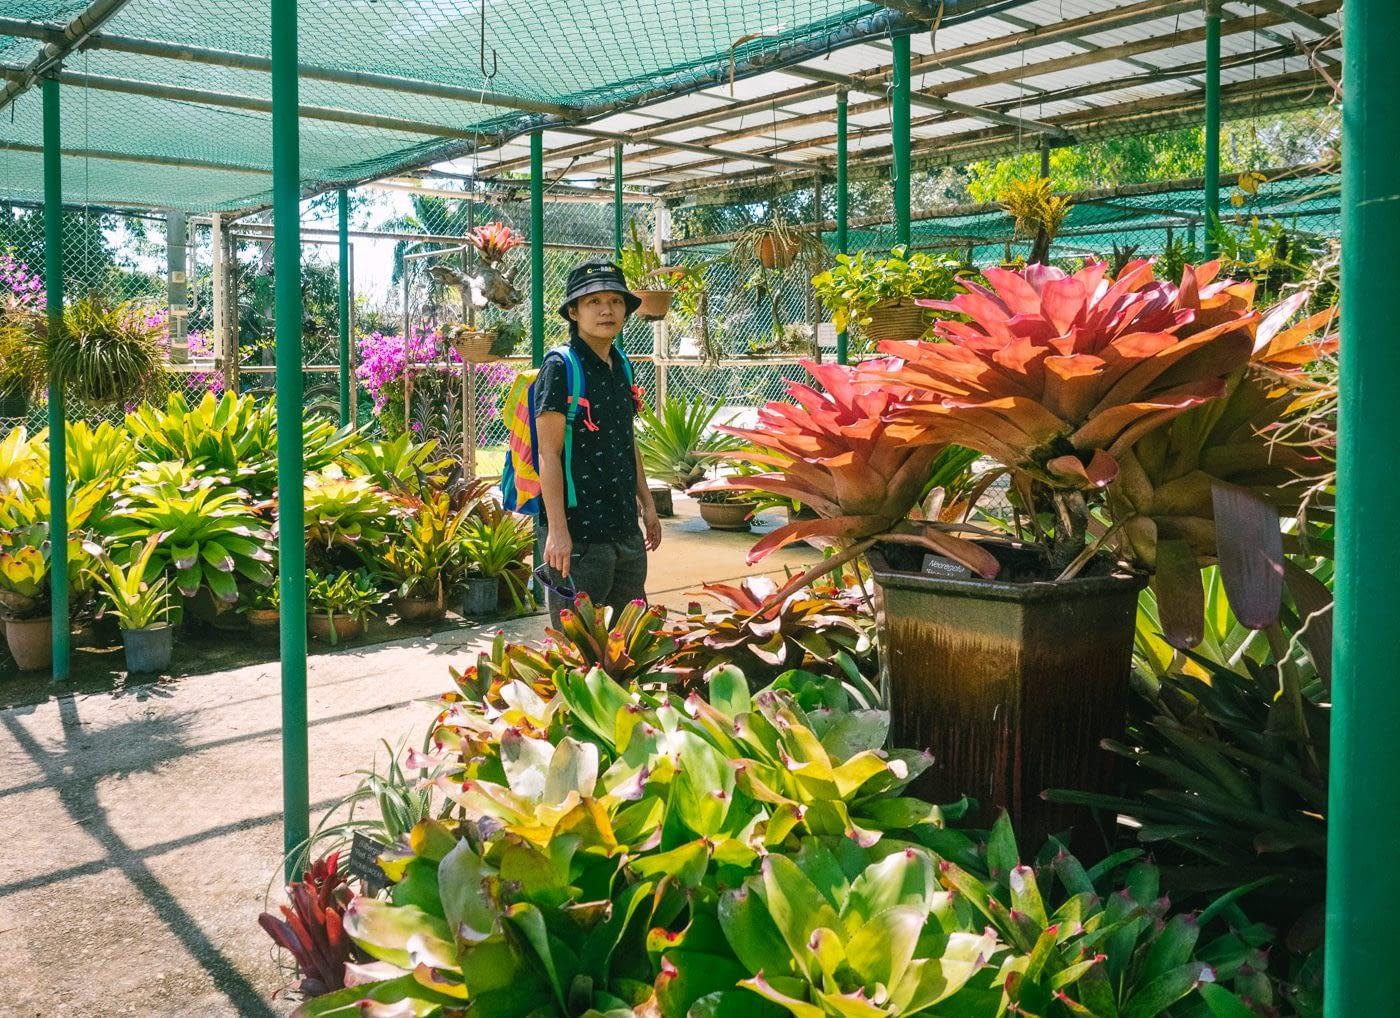 My boss enjoying the fauna & florals